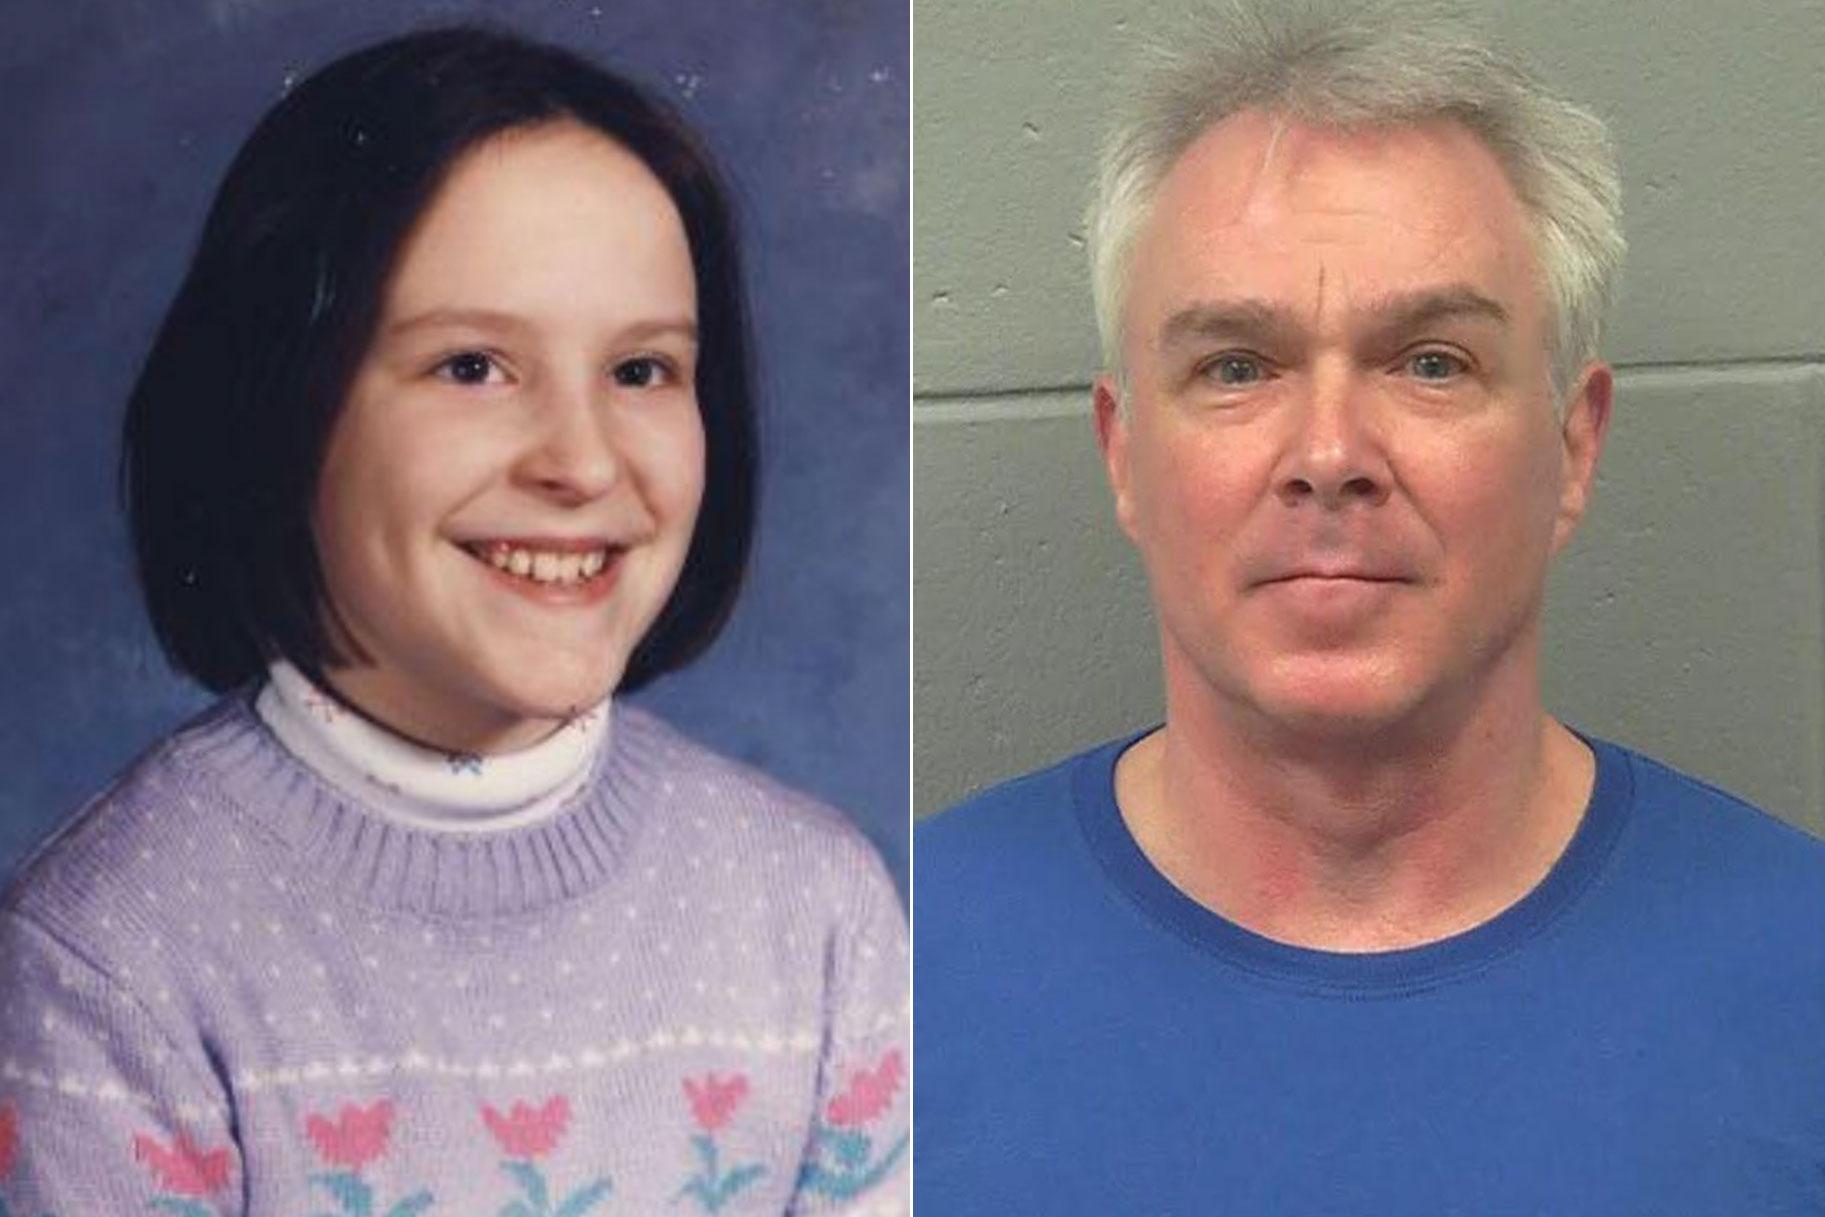 30+ år efter, at pigen blev seksuelt overfaldet og myrdet, er hendes påståede morder fundet